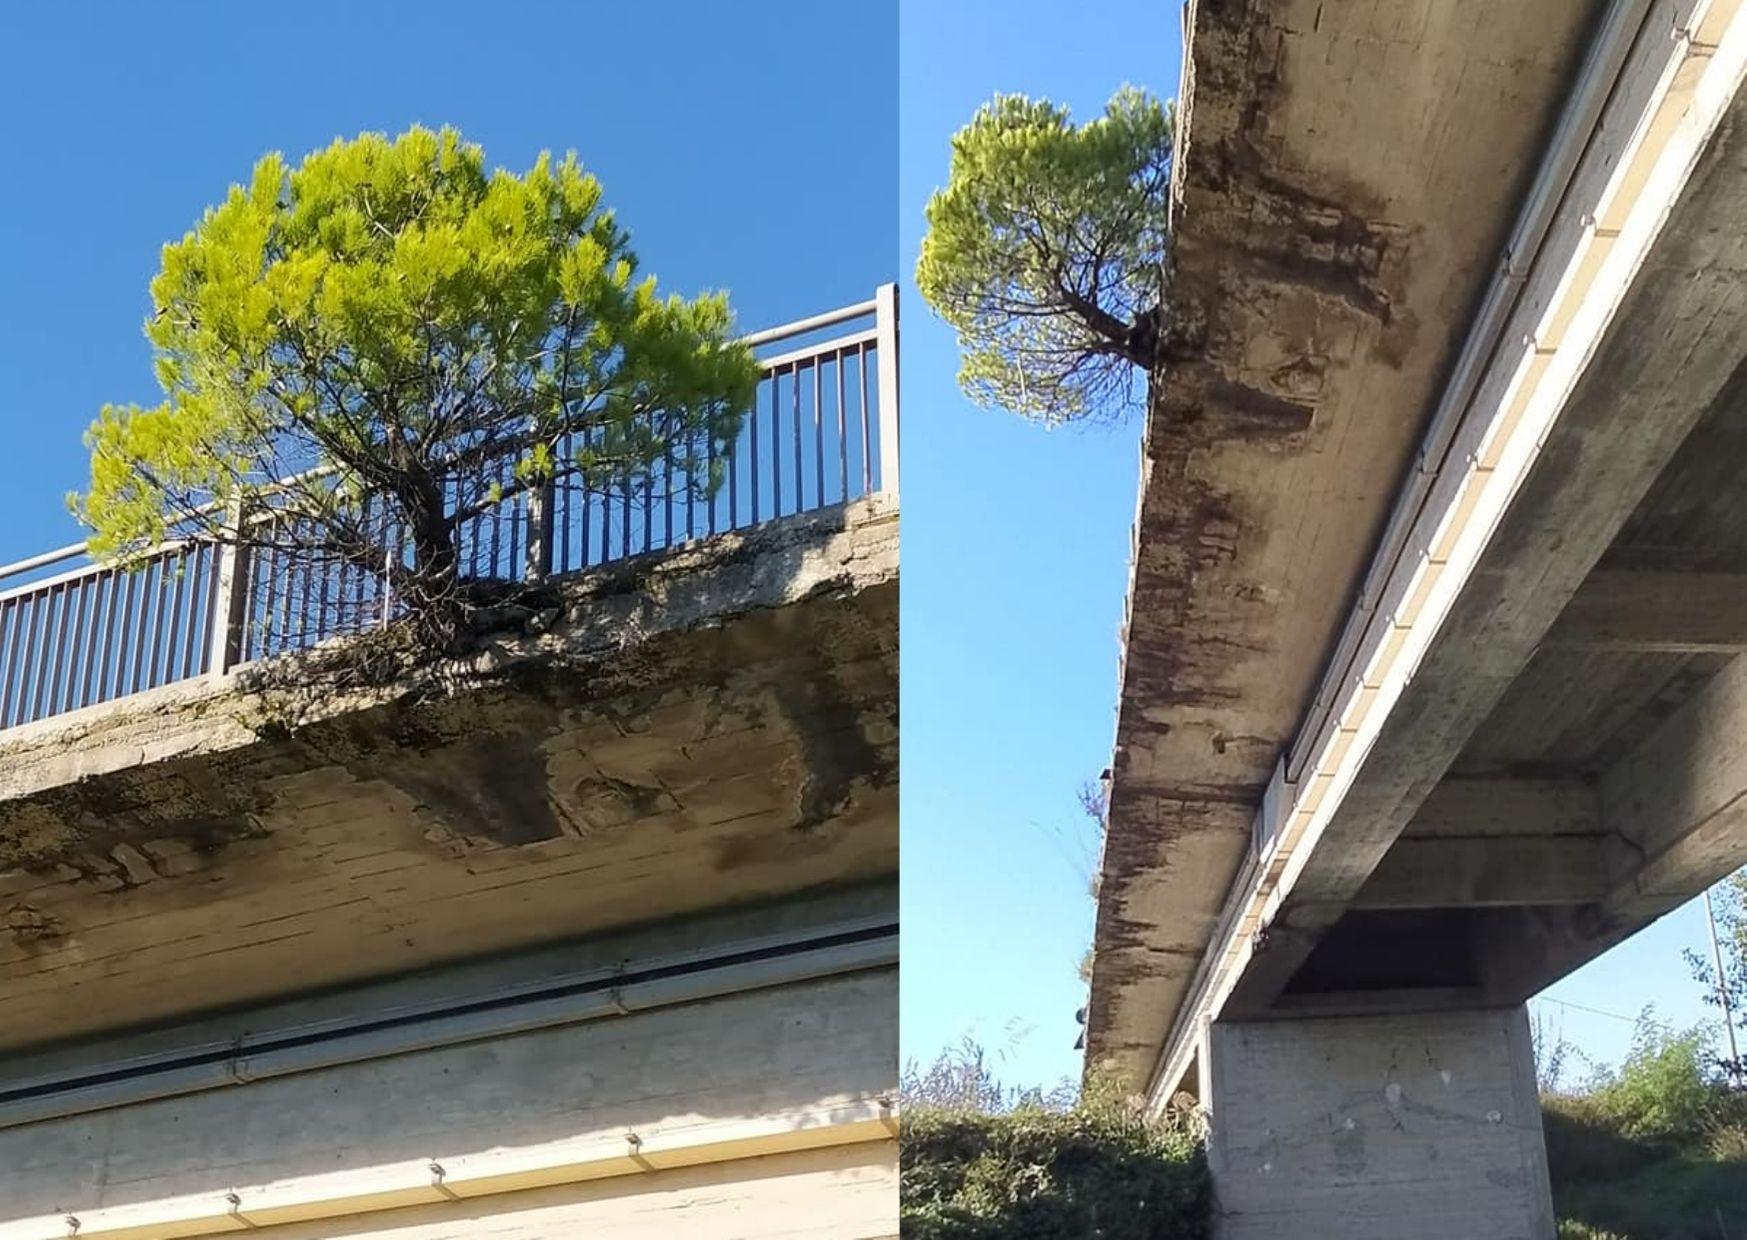 Casal Velino, nel ponte malconcio cresce un albero